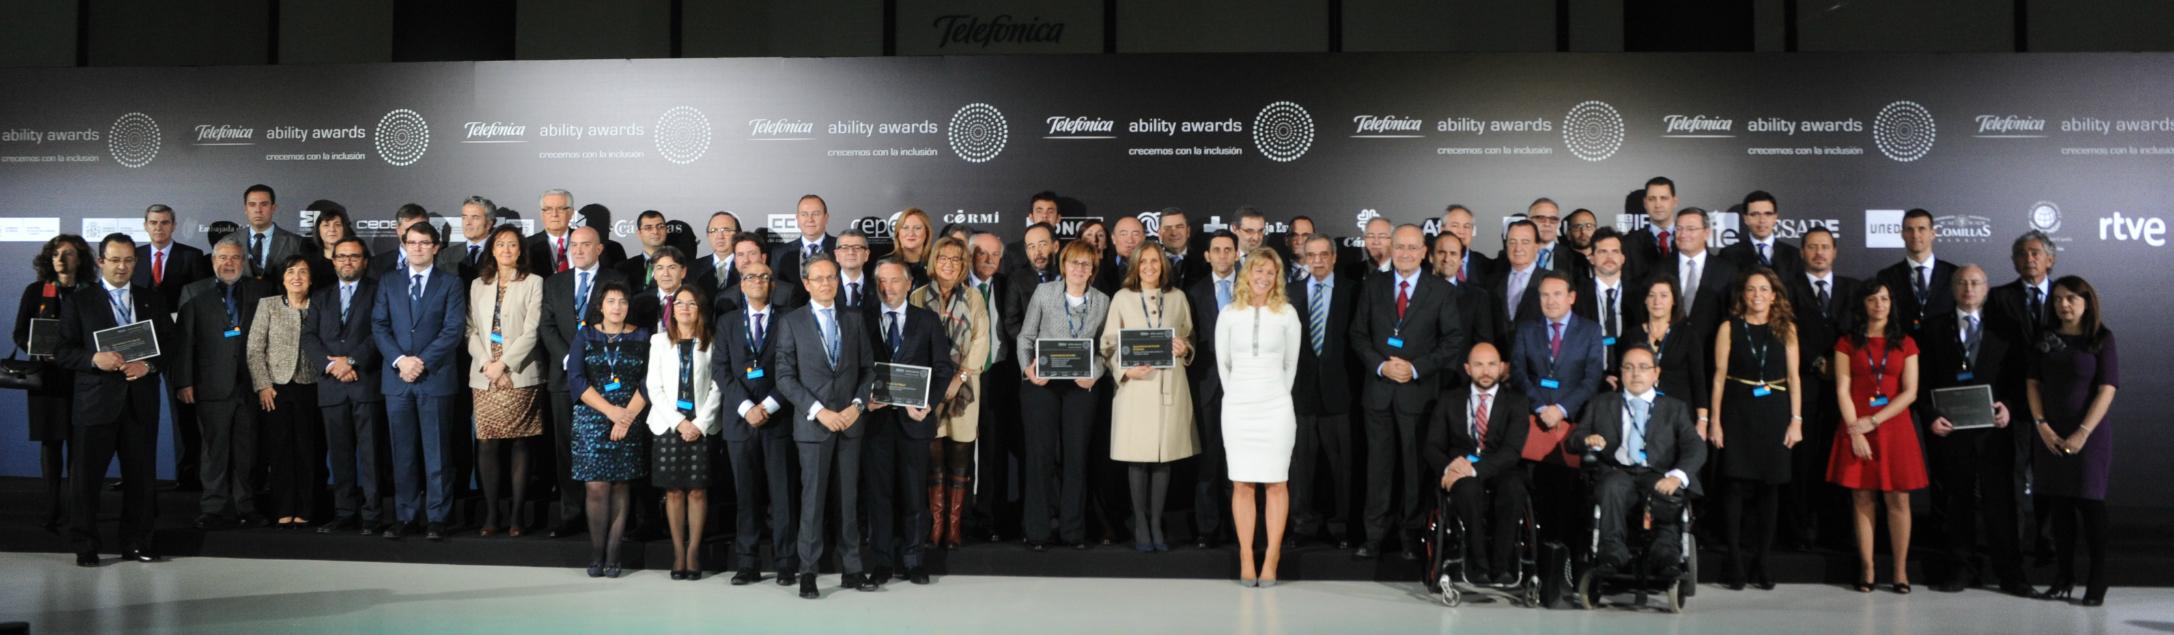 Los Telefónica Ability Awards apuestan por un mundo sin barreras